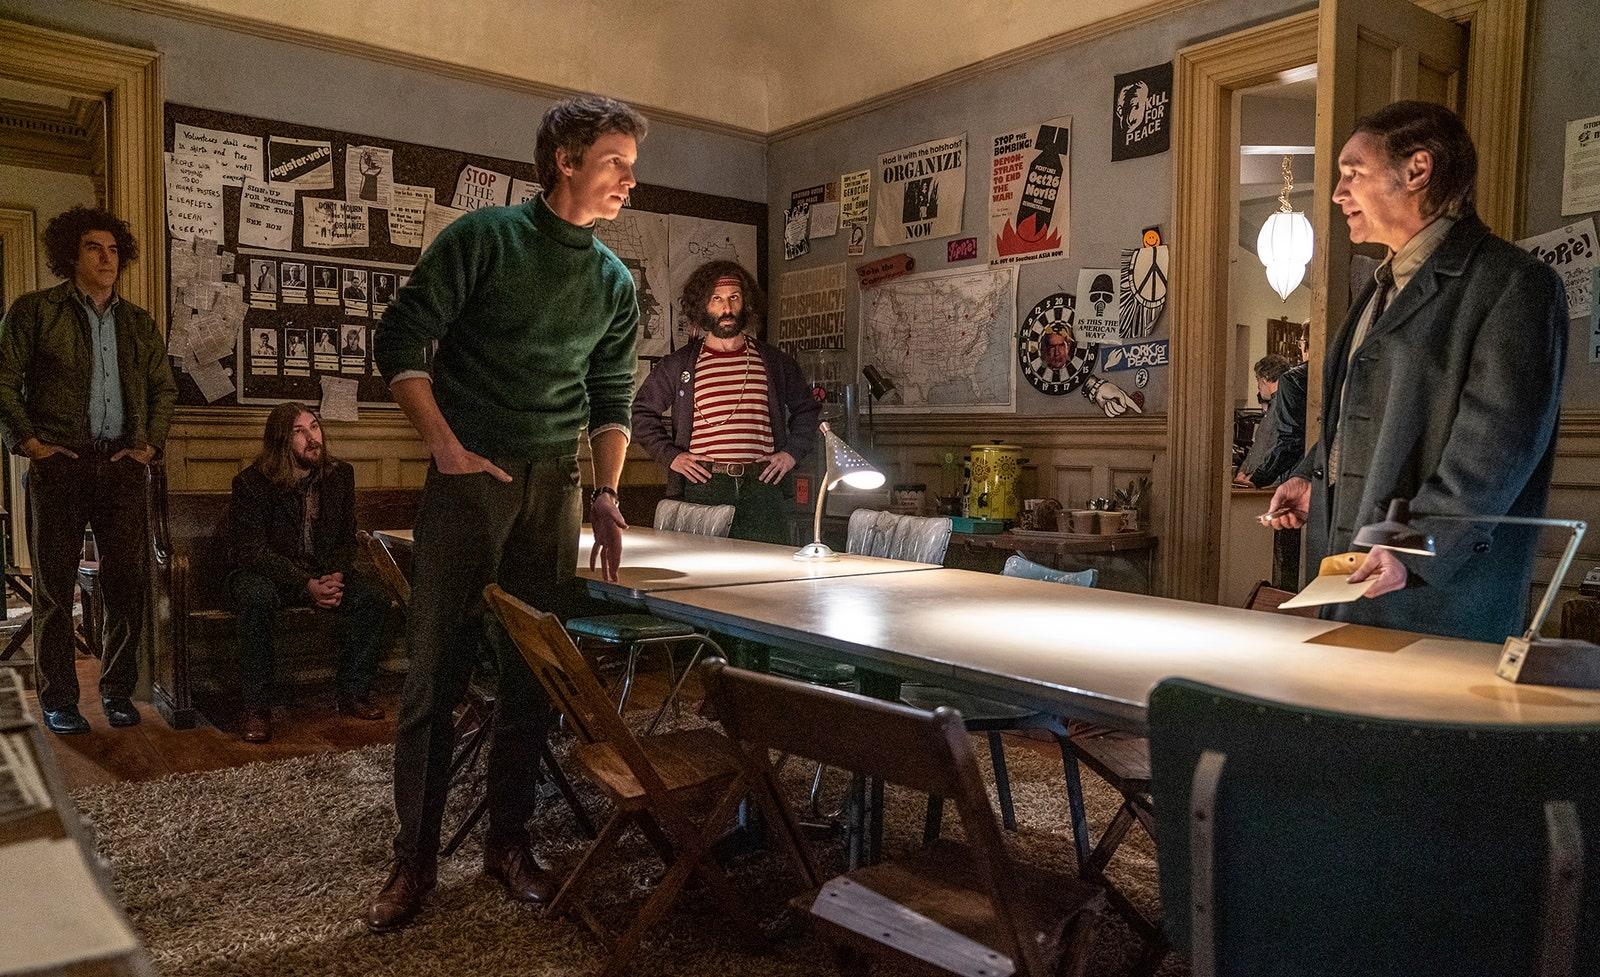 Хорошая новость: премьера фильма «Дело чикагской семерки» Аарона Соркина все-таки состоится 16 октября, несмотря на коронавирус.